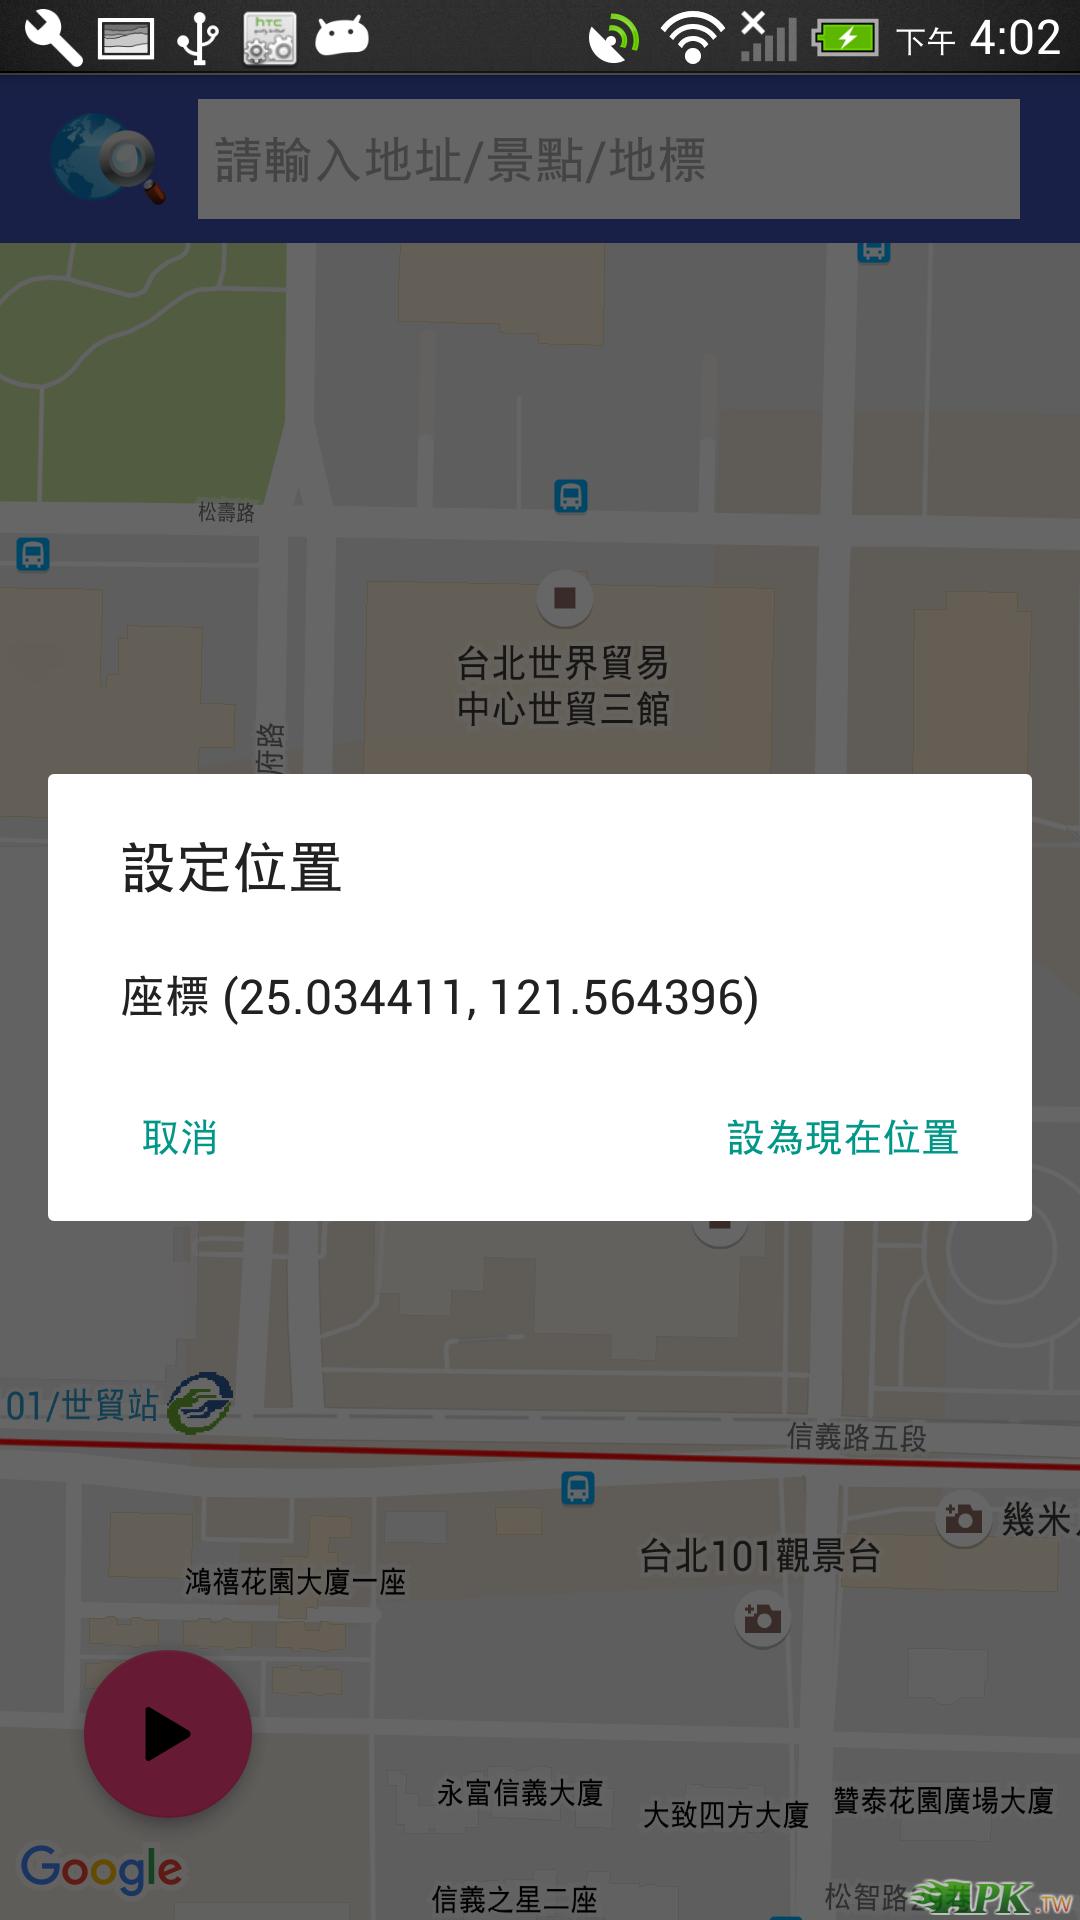 160248c08332v2bmp6y33b.jpg